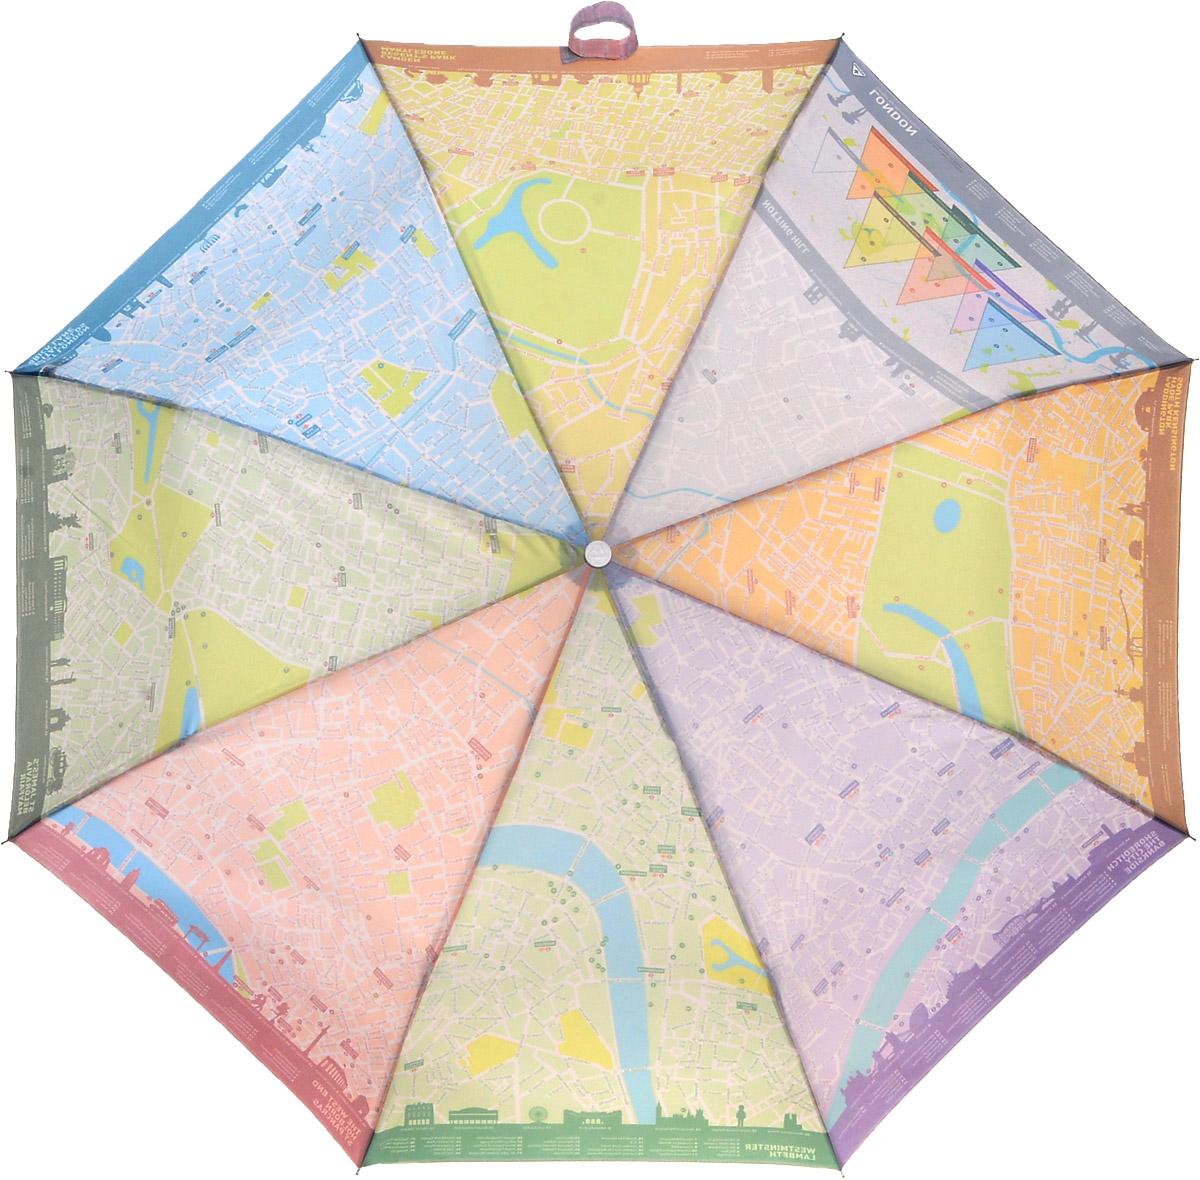 """Зонт женский Fulton London Map, механический, 3 сложения, цвет: белый45102176/33205/7900XСтильный складной зонт Fulton """"London Map"""" даже в ненастную погоду позволит вам оставаться женственной и элегантной. """"Ветростойкий"""" стальной каркас зонта в 3 сложения состоит из восьми металлических спиц, стержень изготовлен из стали. Зонт оснащен удобной рукояткой из прорезиненного пластика. Купол зонта выполнен из прочного полиэстера белого цвета и с внутренней стороны оформлен изображением карты Лондона. На рукоятке для удобства есть небольшой шнурок, позволяющий надеть зонт на руку тогда, когда это будет необходимо. К зонту прилагается чехол.Зонт механического сложения: купол открывается и закрывается вручную, стержень также складывается вручную до характерного щелчка. Характеристики: Материал: металл, полиэстер, пластик. Цвет: белый. Диаметр купола: 96 см. Длина зонта в сложенном виде: 25 см. Длина ручки (стержня) в раскрытом виде:56 см.Вес: 350 г.Артикул:L761 3S2396."""